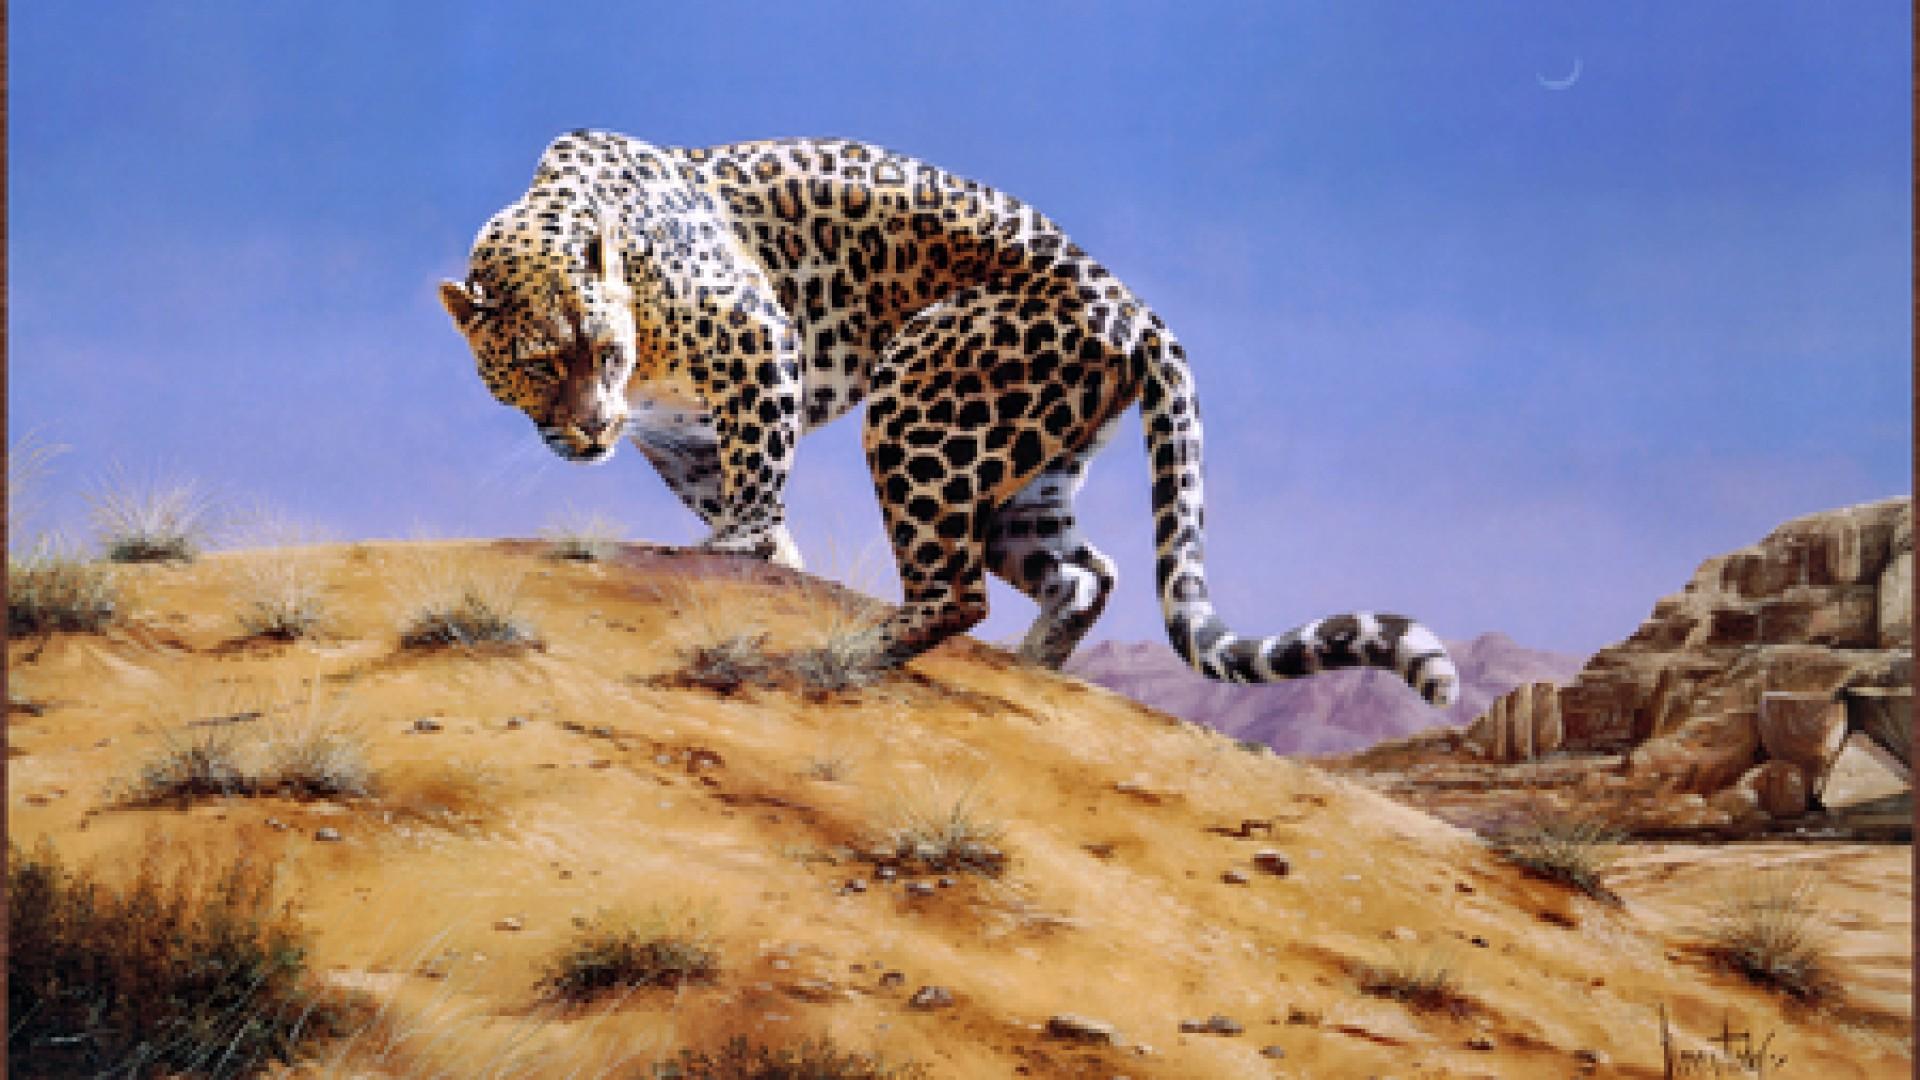 النمر العربي أصغر بكثير من النمر الأفريقي   المرسال